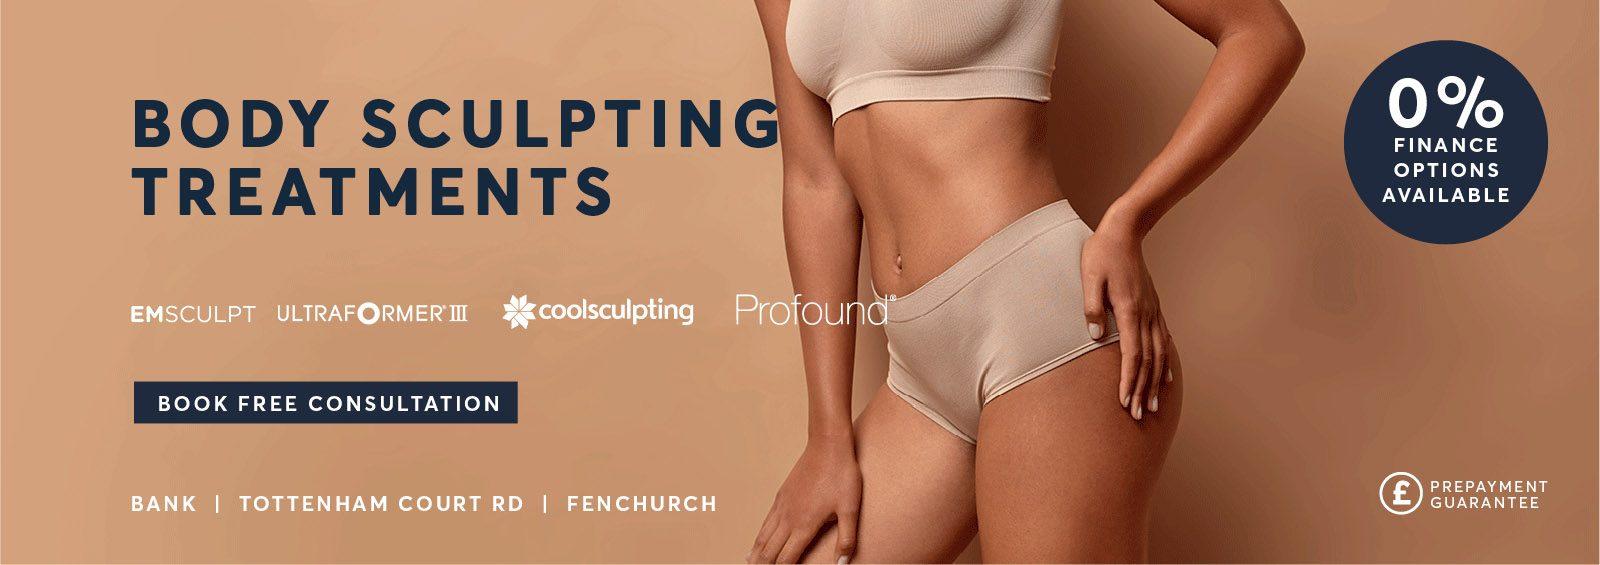 Body sculpting treatments October 21